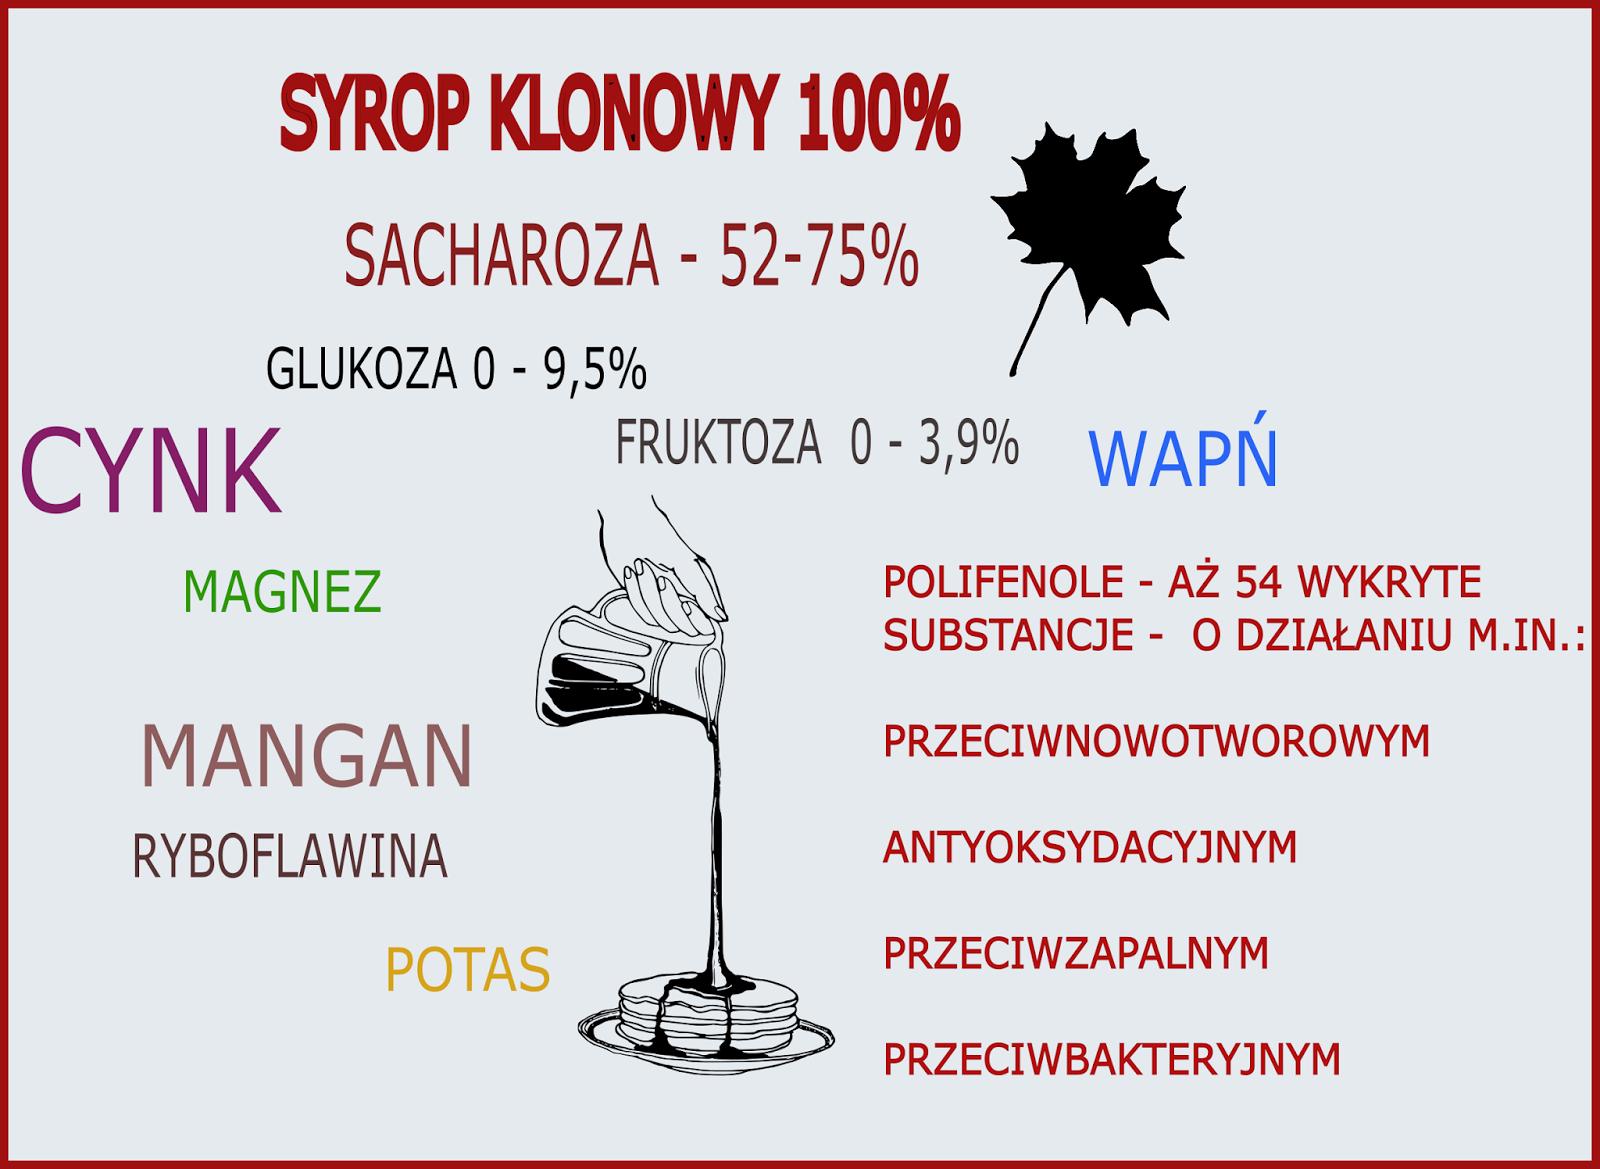 Syrop klonowy witaminy